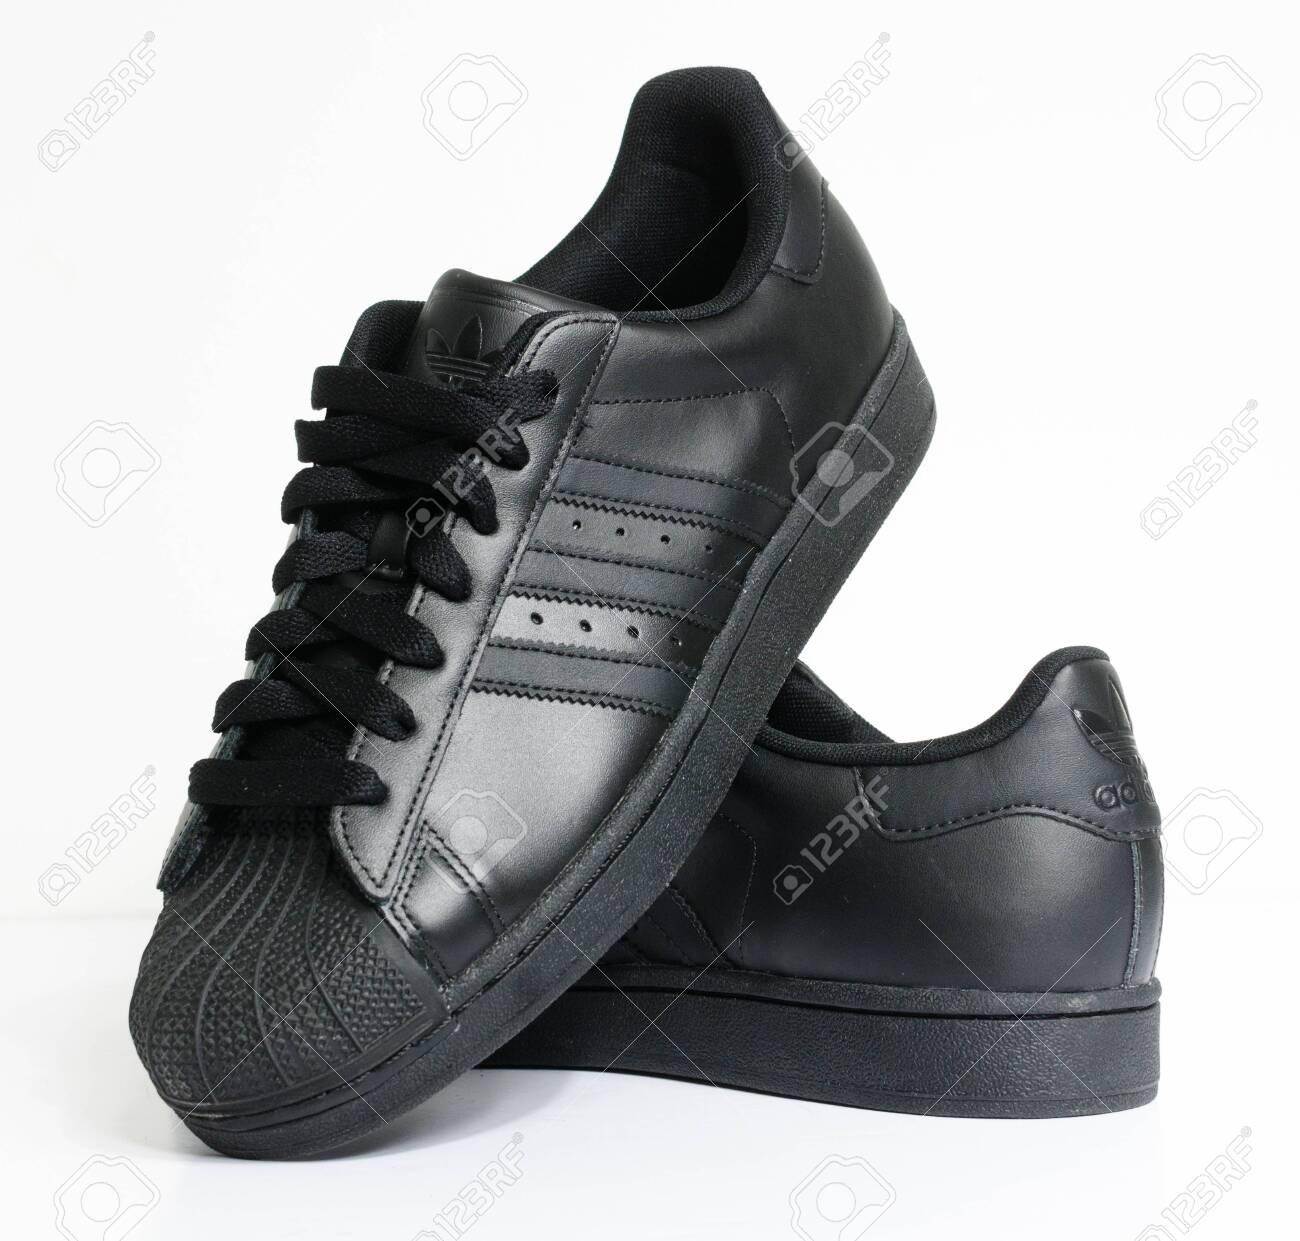 Adidas Superstar Shell Toe Originals